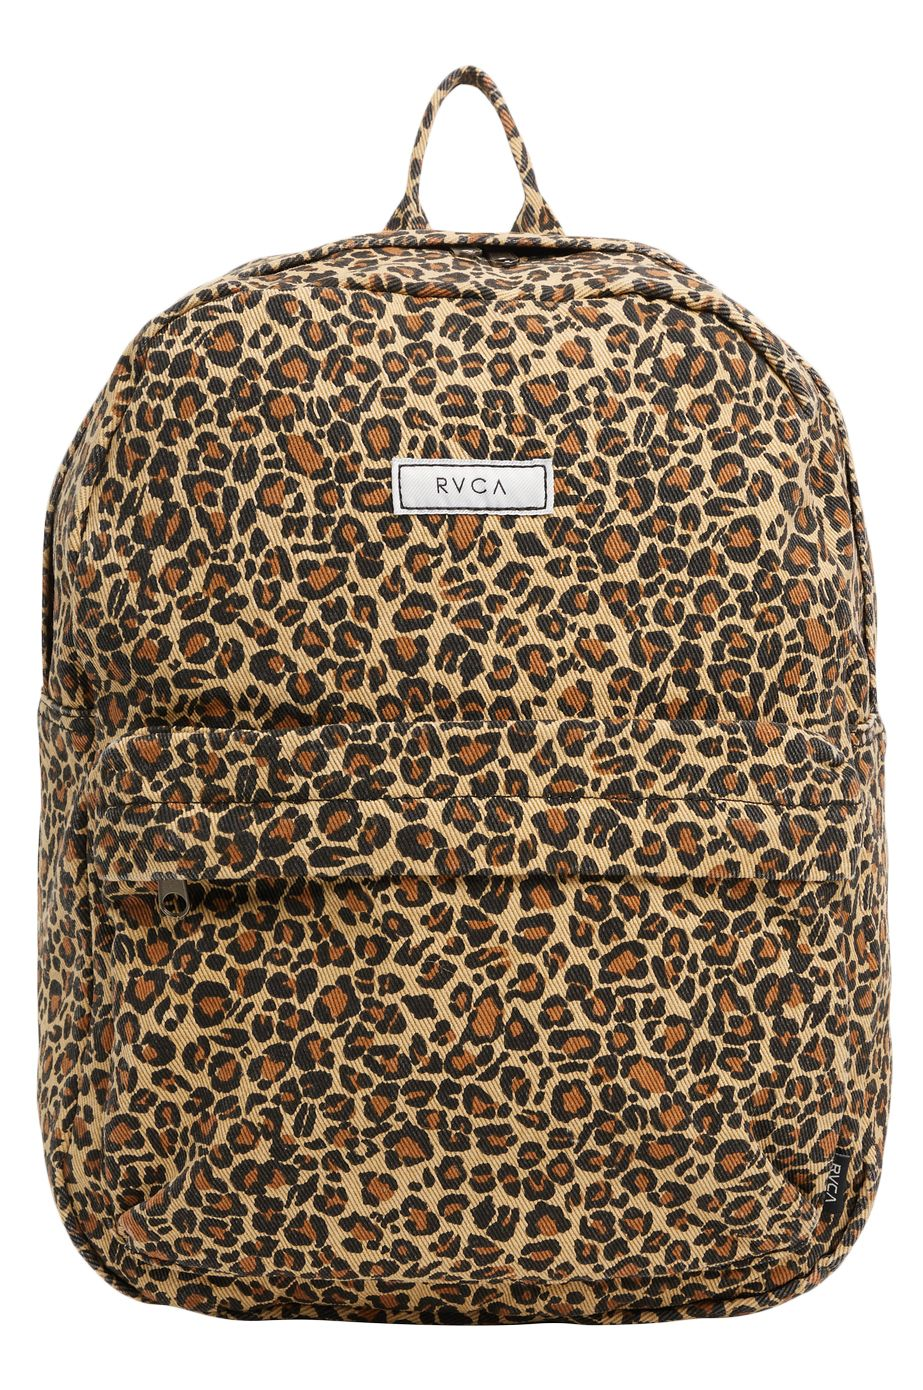 RVCA Backpack LEO BACKPACK Leopard